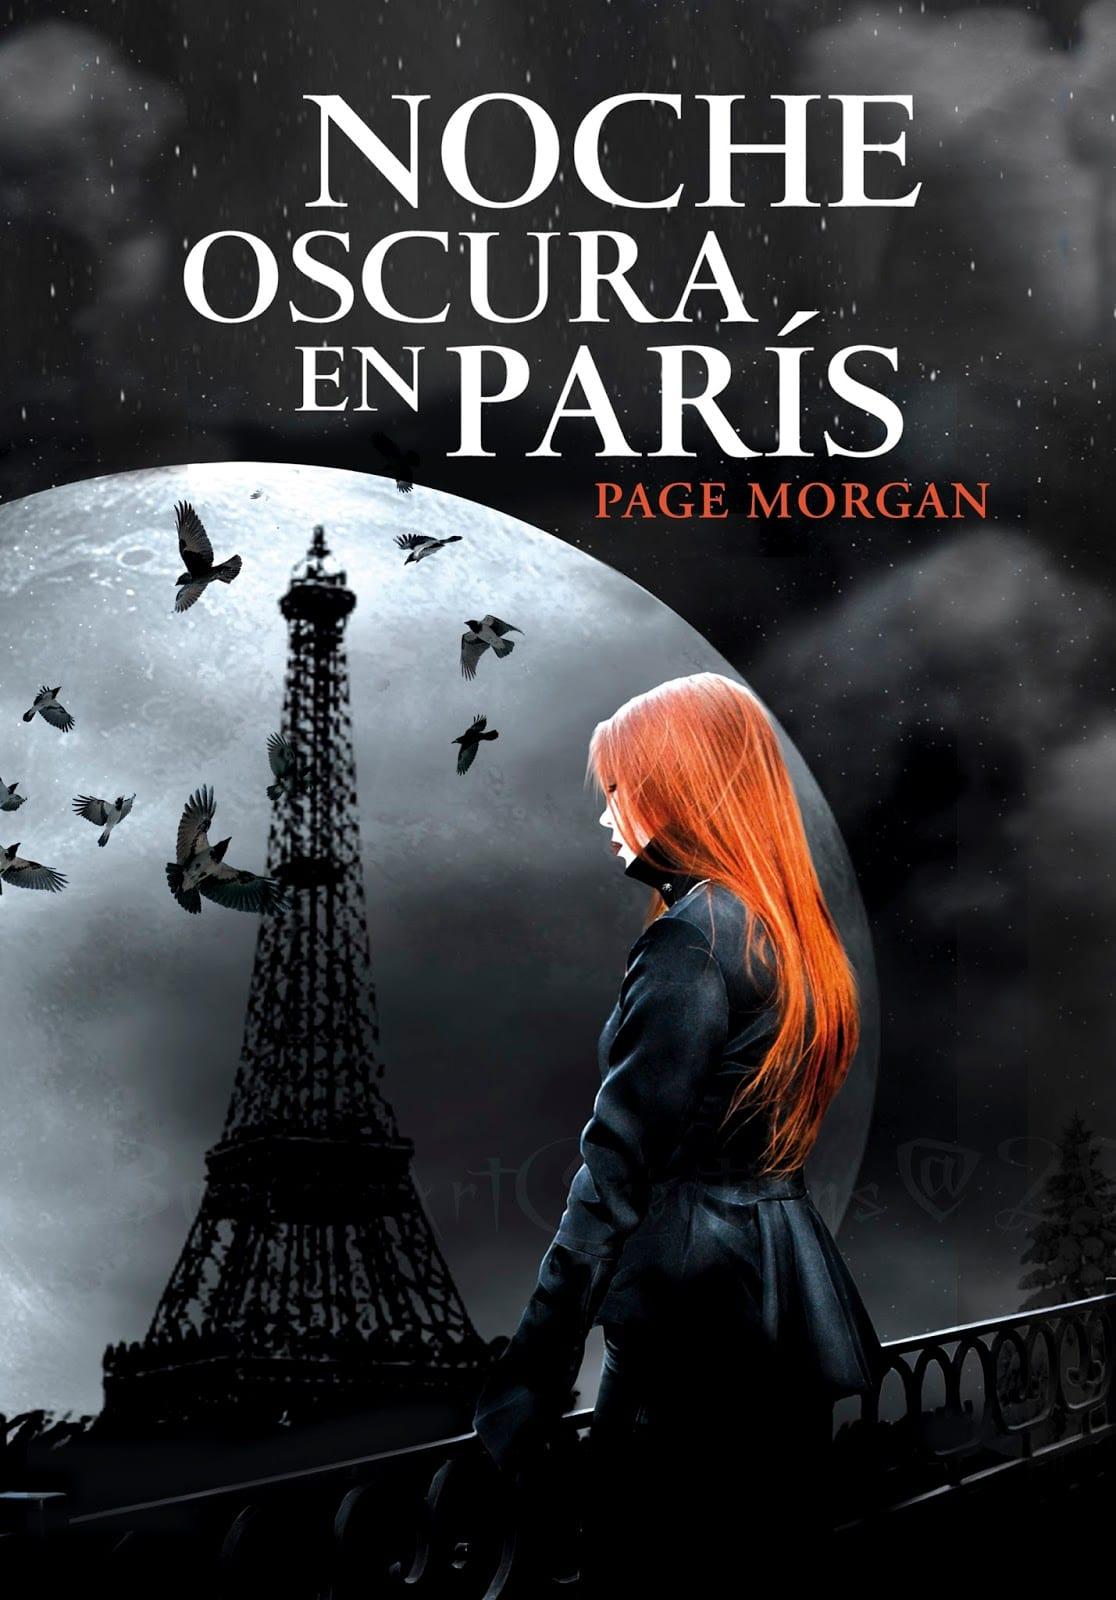 Noche oscura en París, de Page Morgan - Reseña